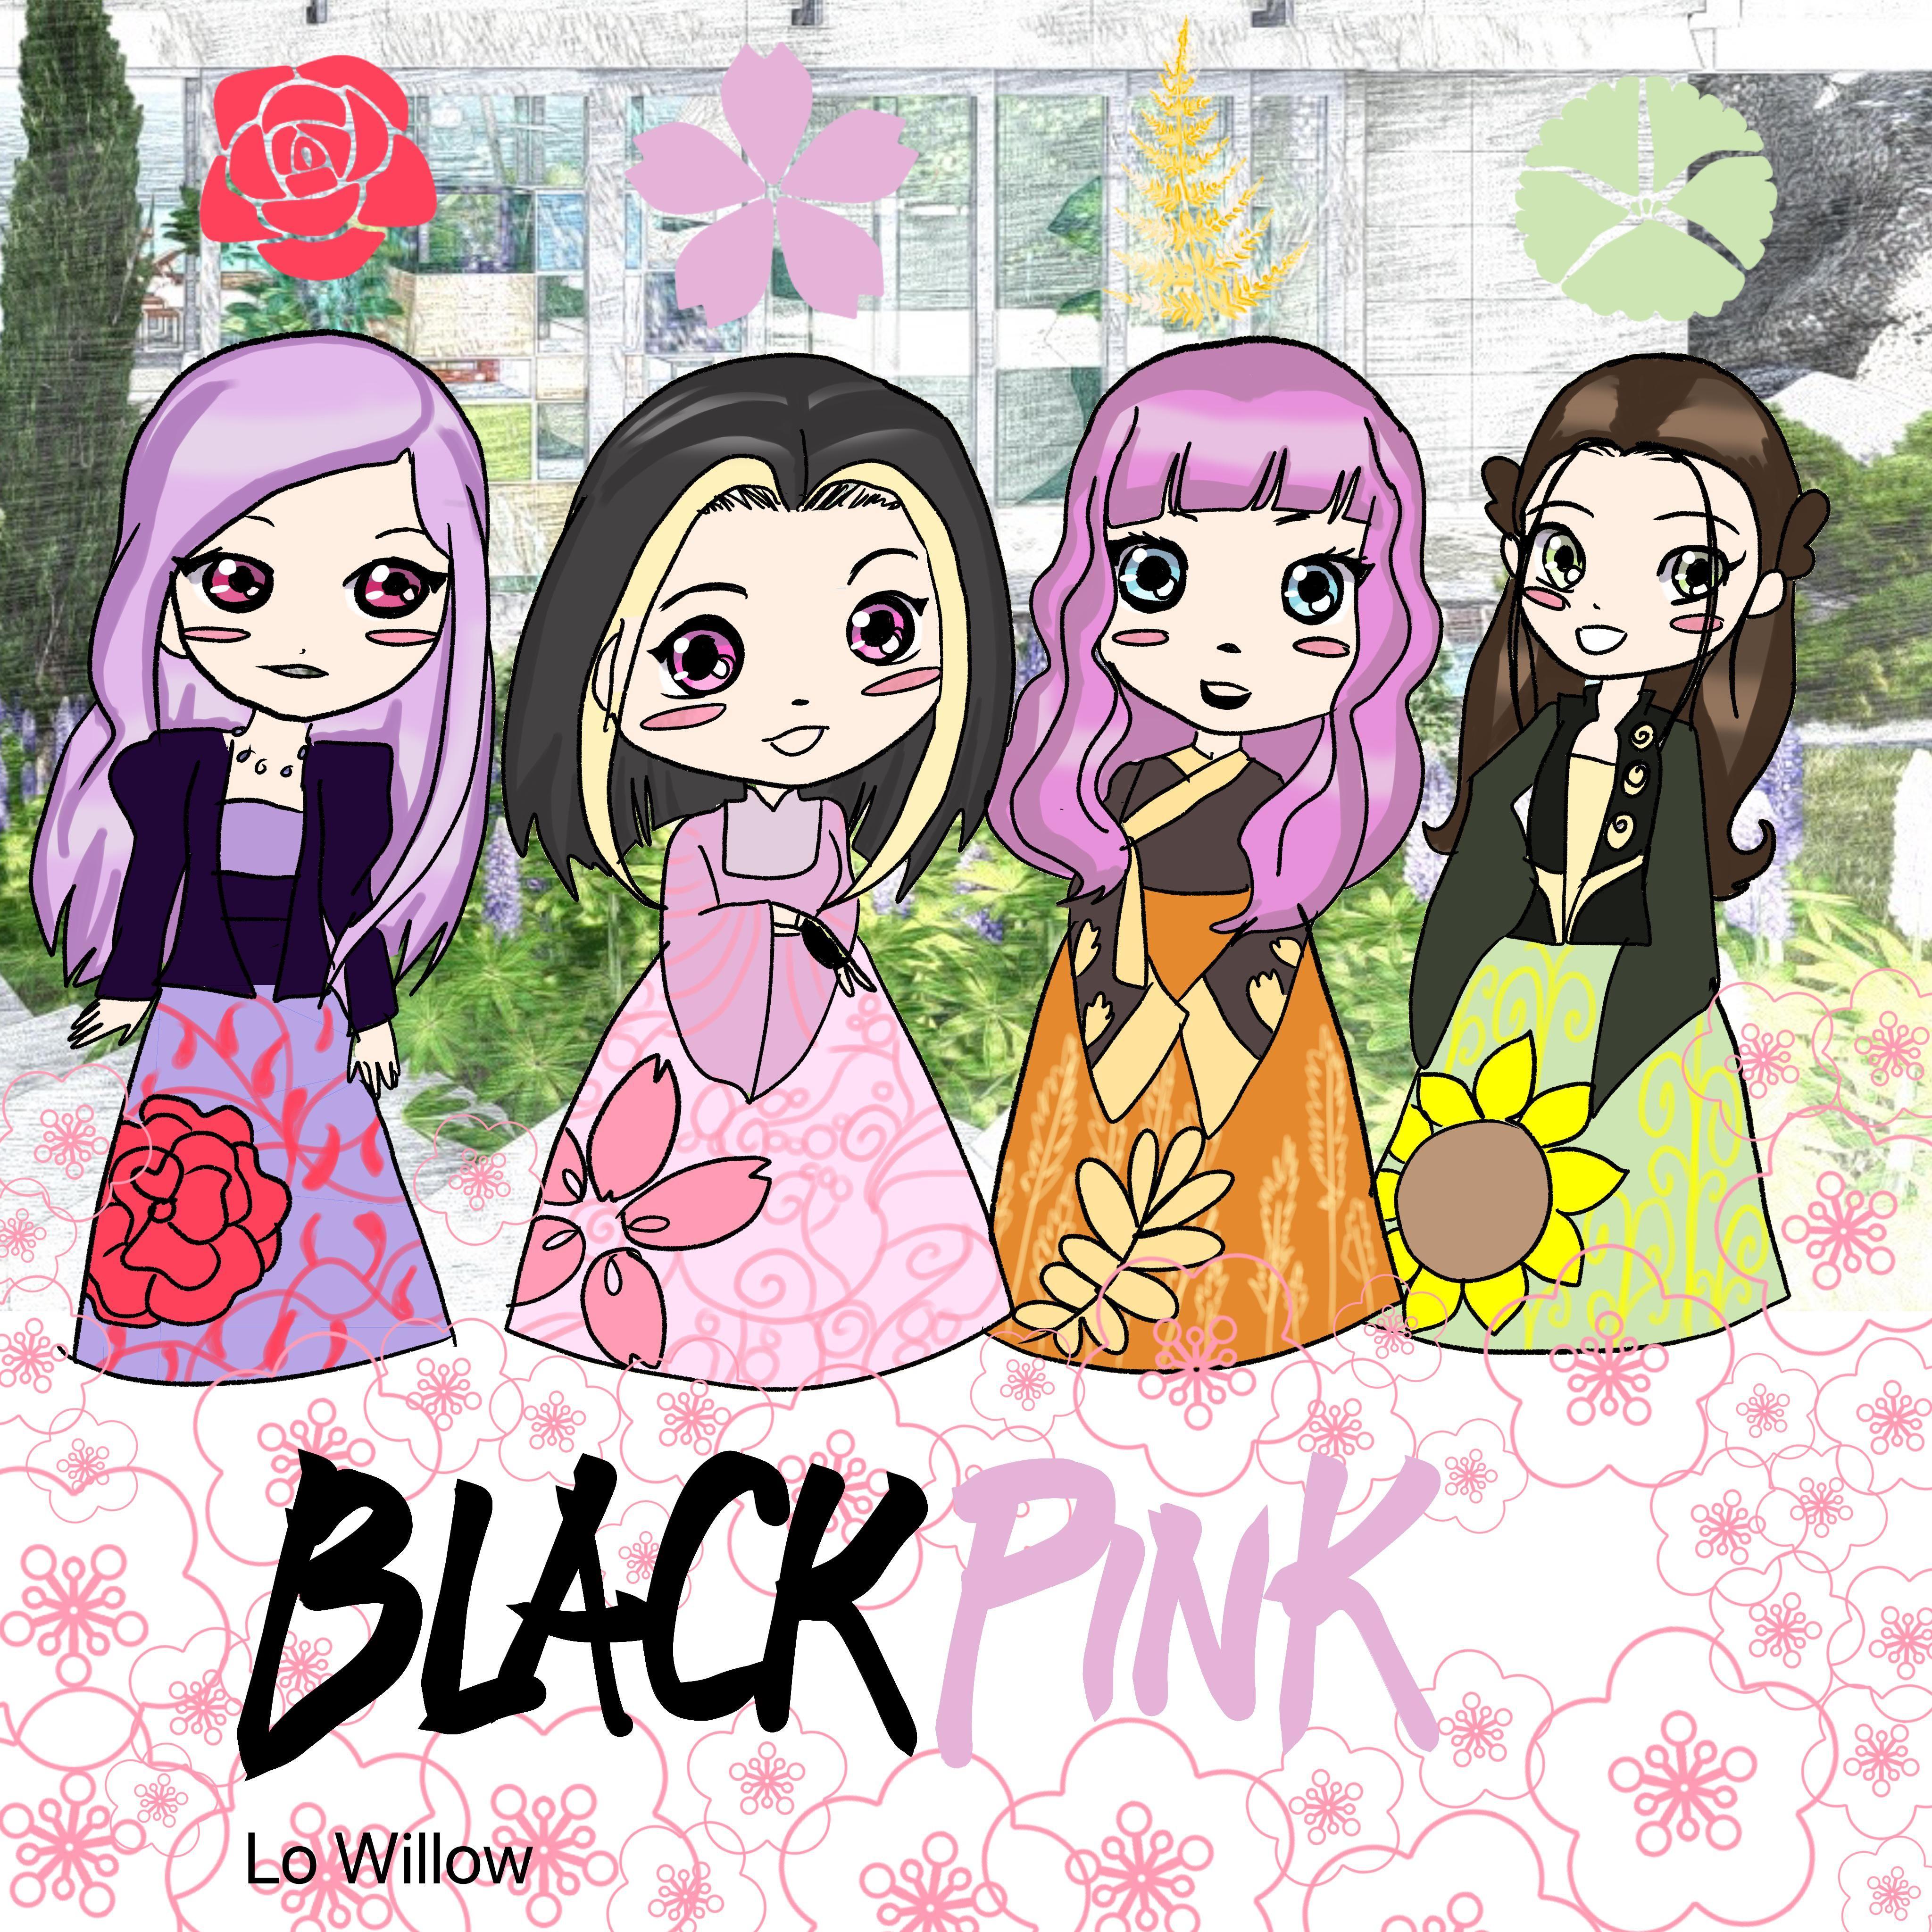 200714 Hanbok 4 seasons in 2020 Black pink, Kpop girl